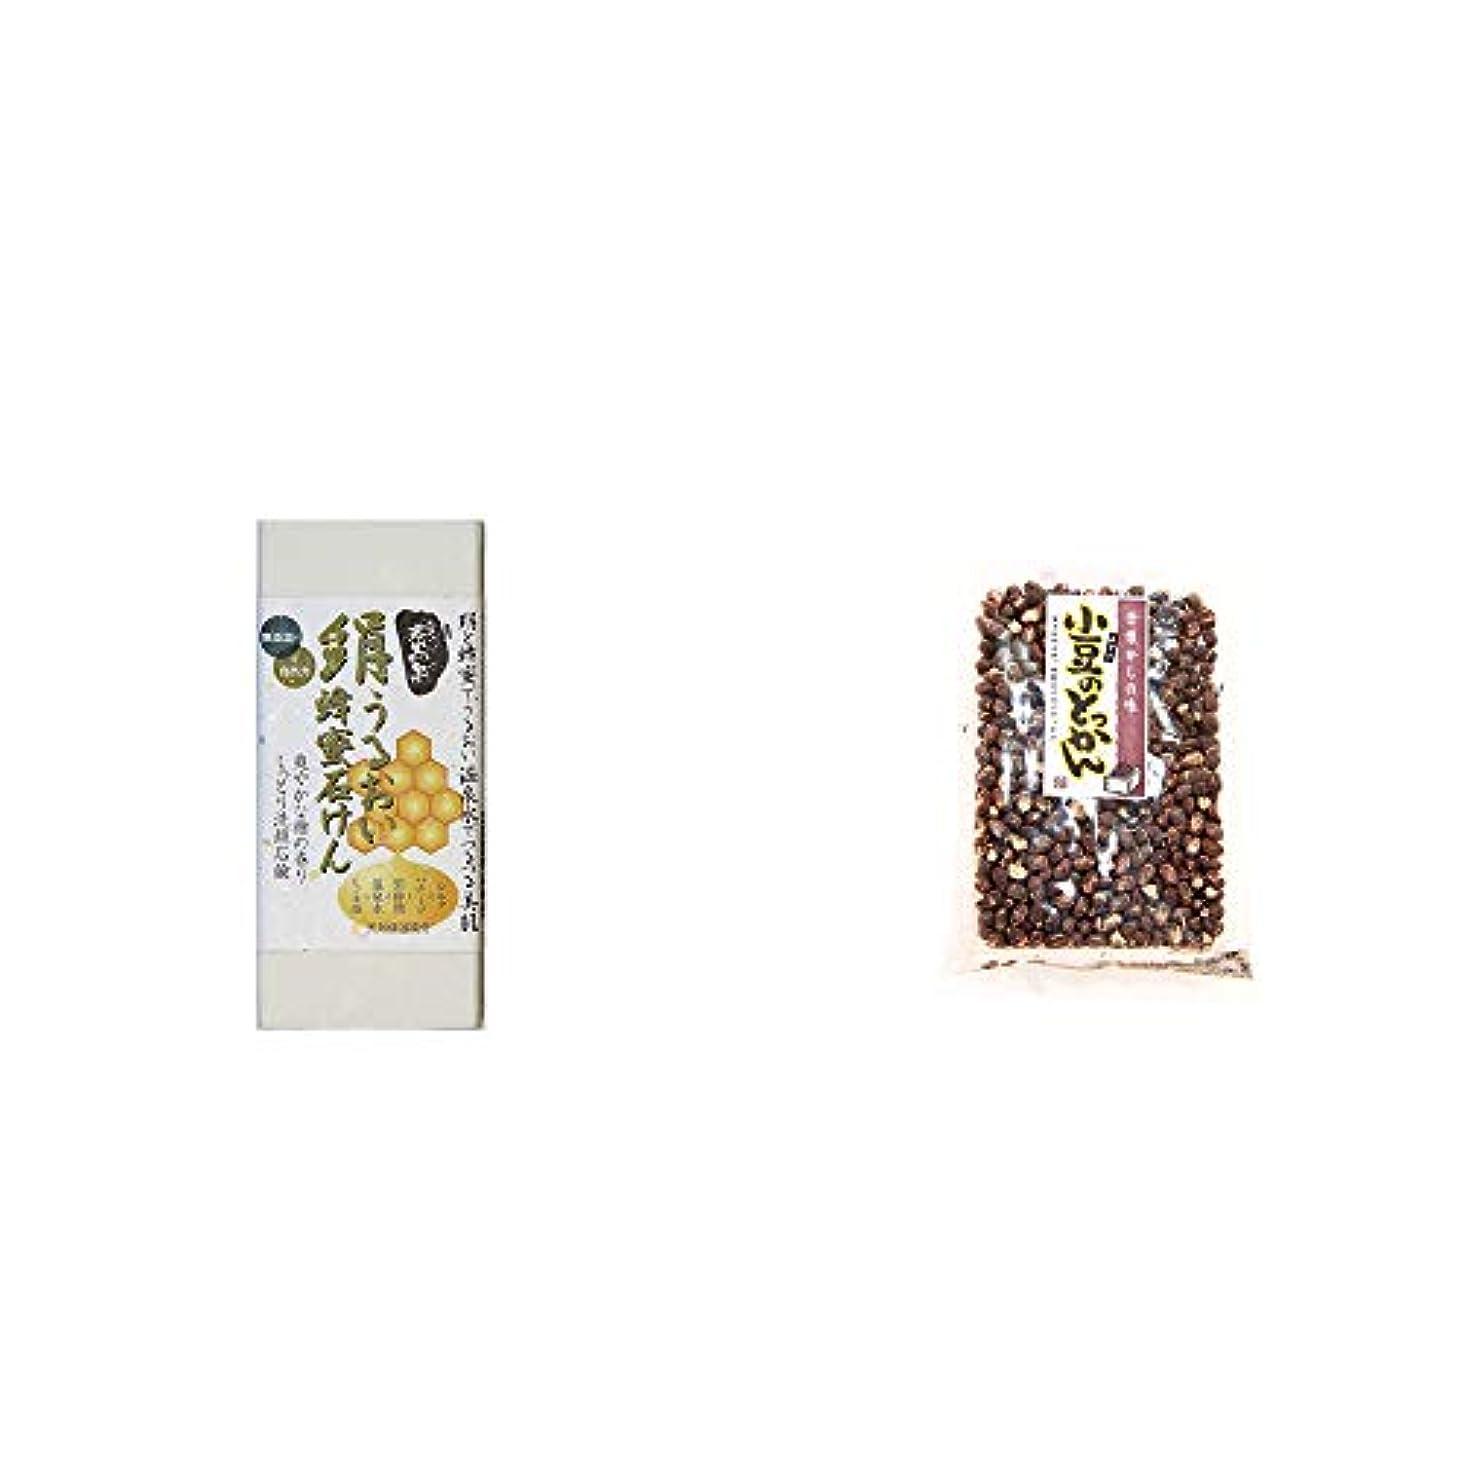 復活する債務者アルカイック[2点セット] ひのき炭黒泉 絹うるおい蜂蜜石けん(75g×2)?小豆のとっかん(150g)